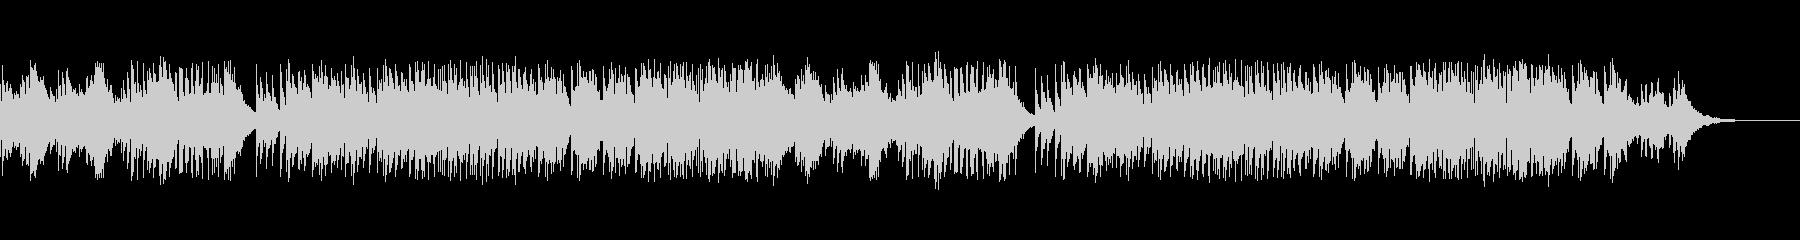 シリアスなサウンドが響くデジタルサウンドの未再生の波形